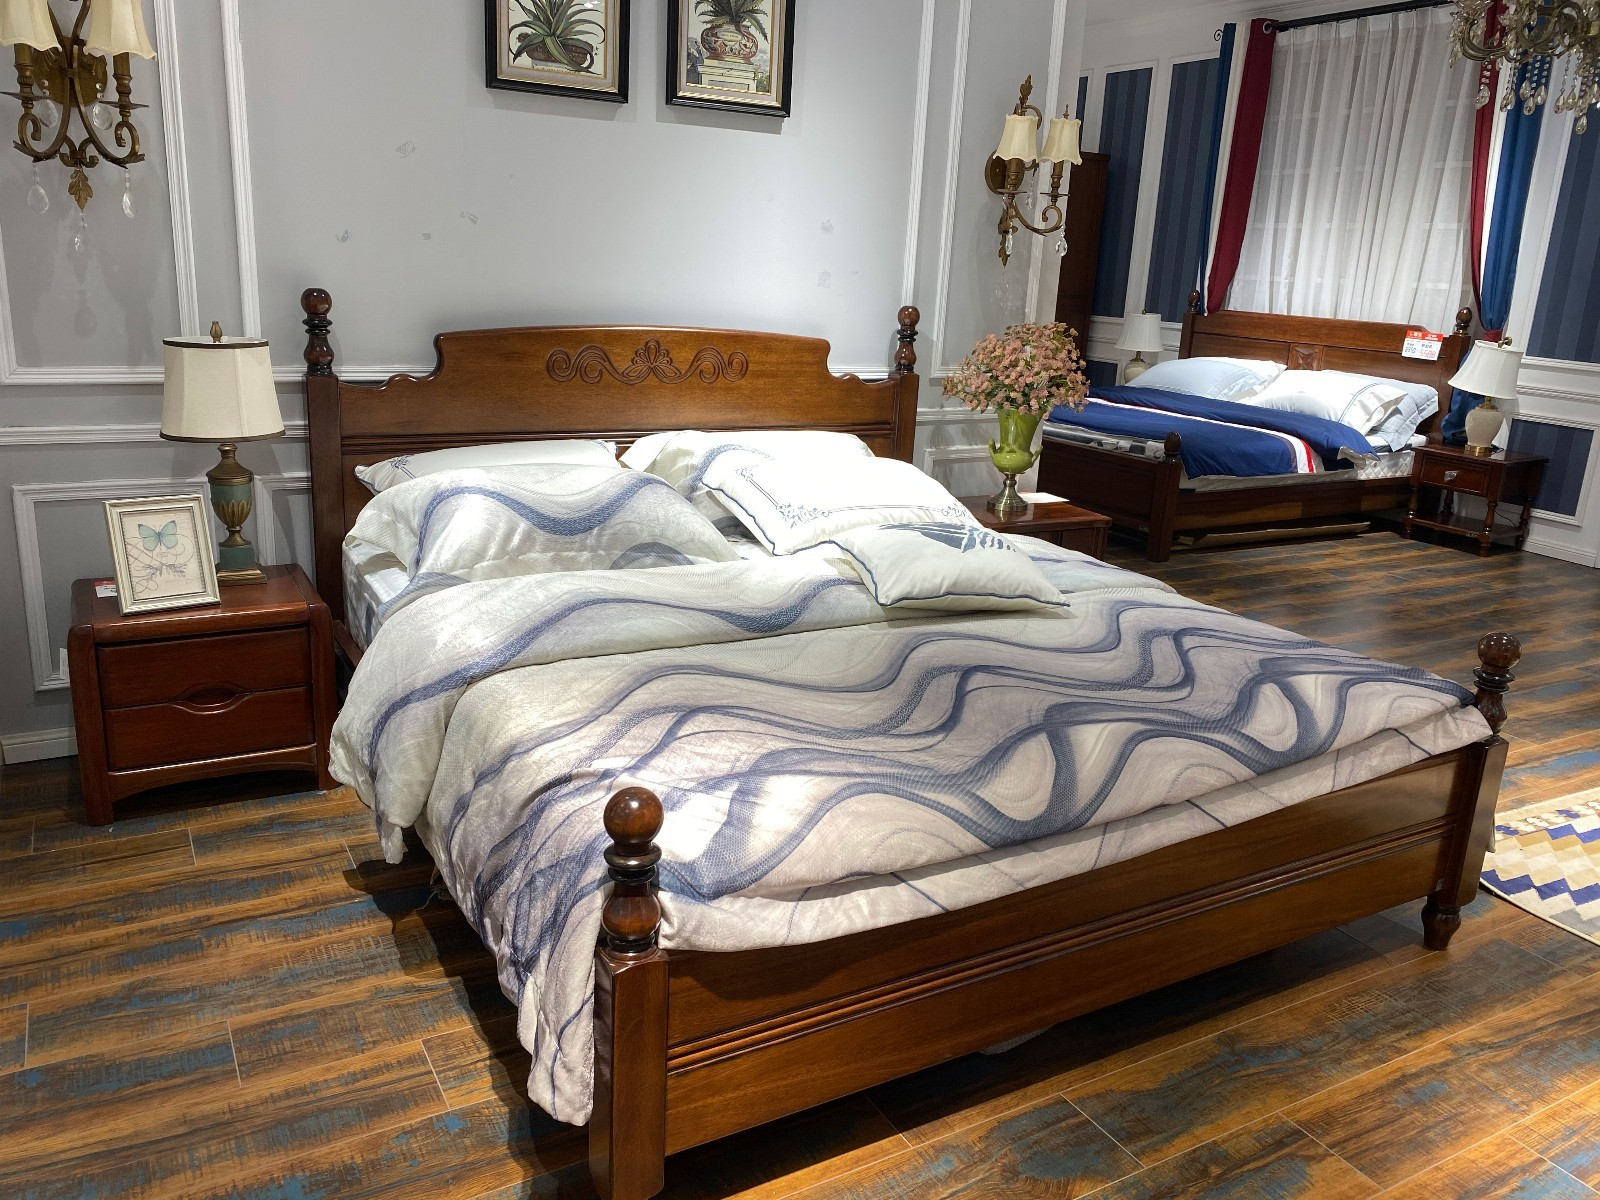 实探家居工厂!大牌床垫/实木床也才九百多,简直惊呆了!